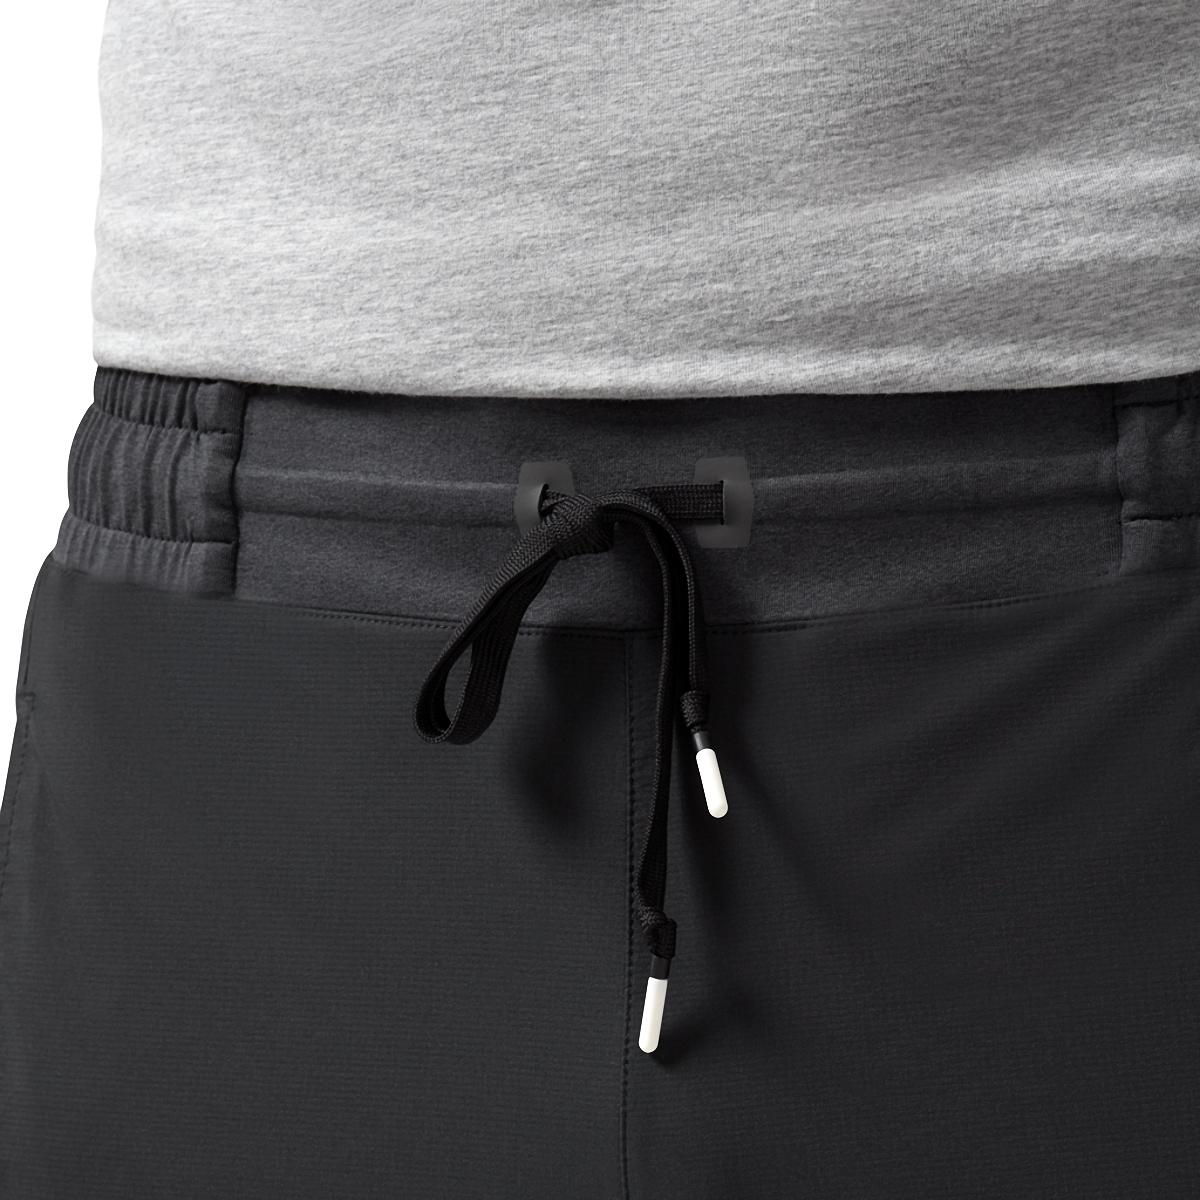 Men's On Running Pants - Color: Black - Size: S, Black, large, image 4